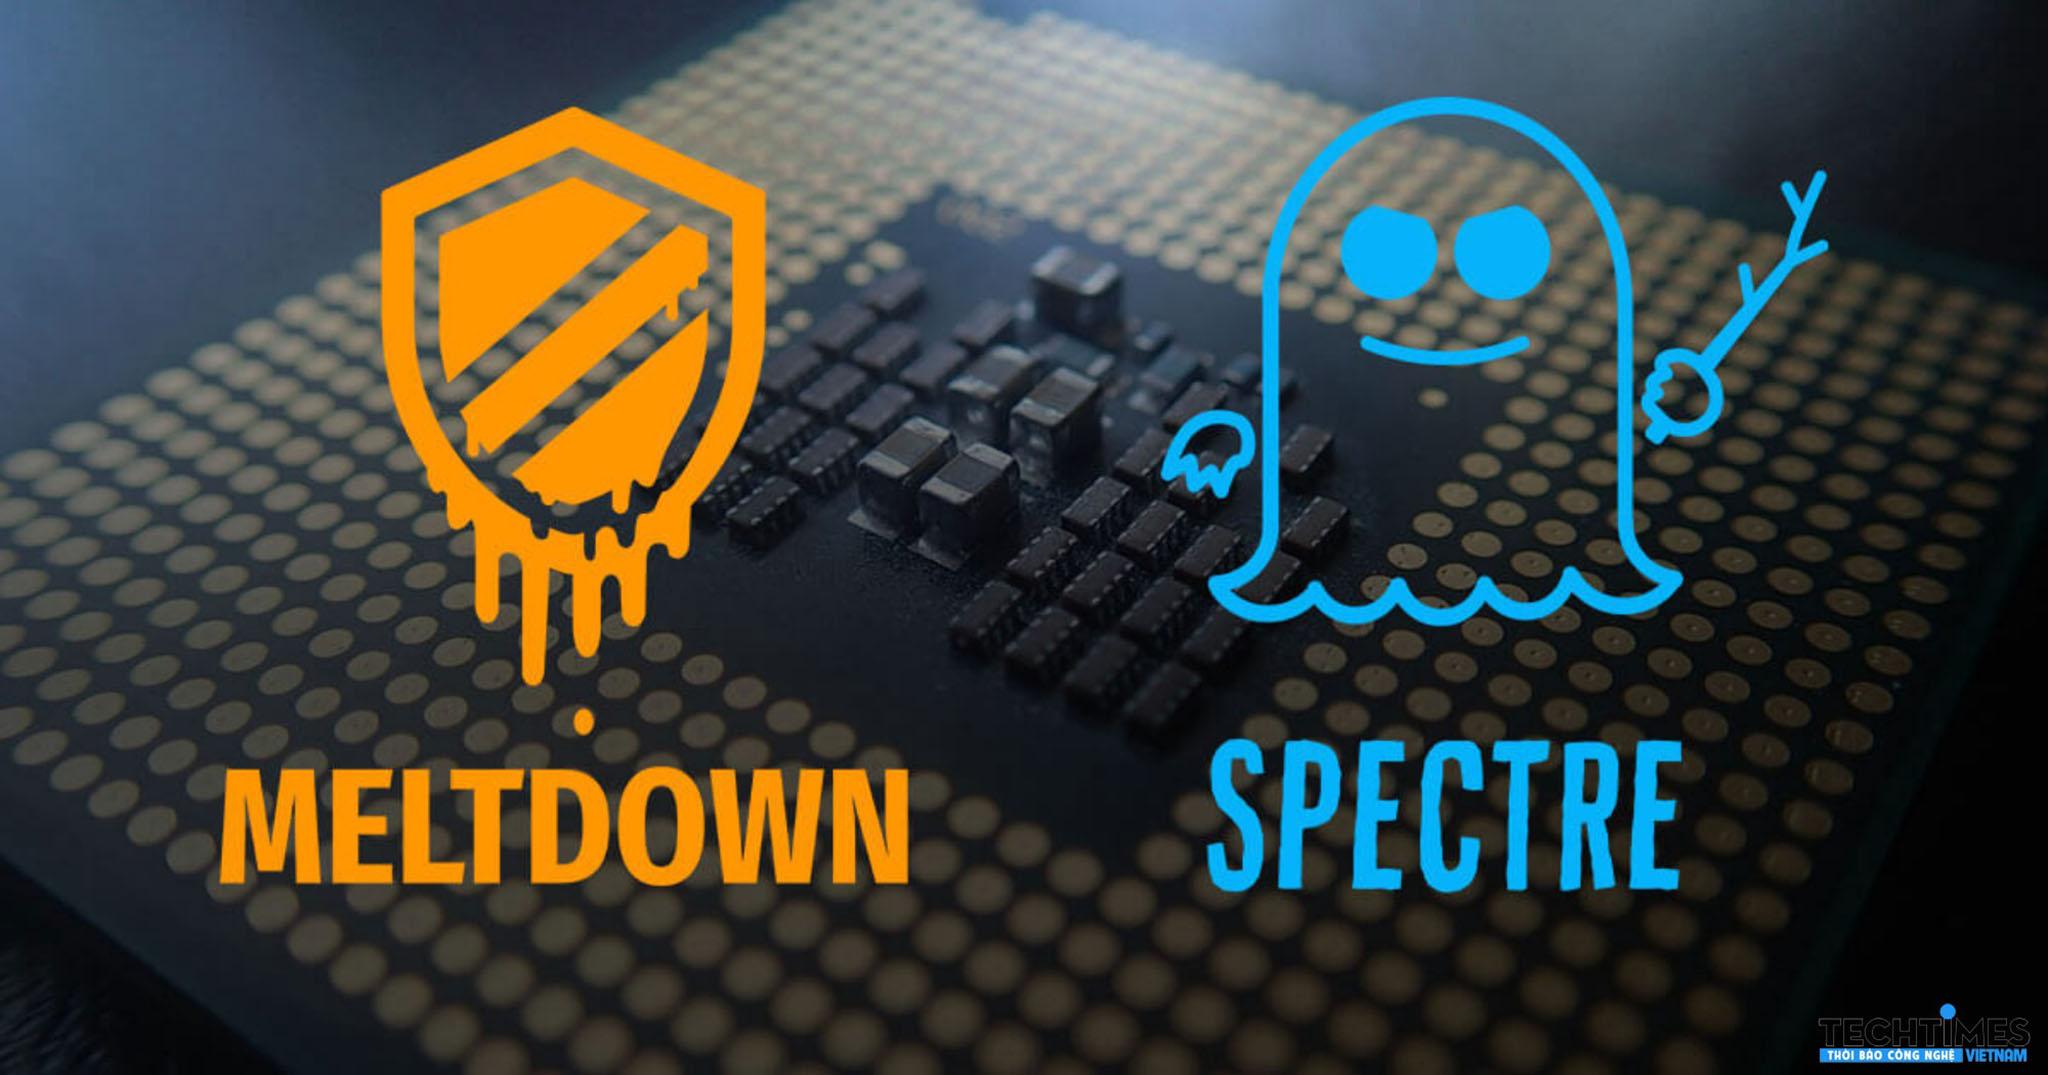 Meltdown Spectre.jpg